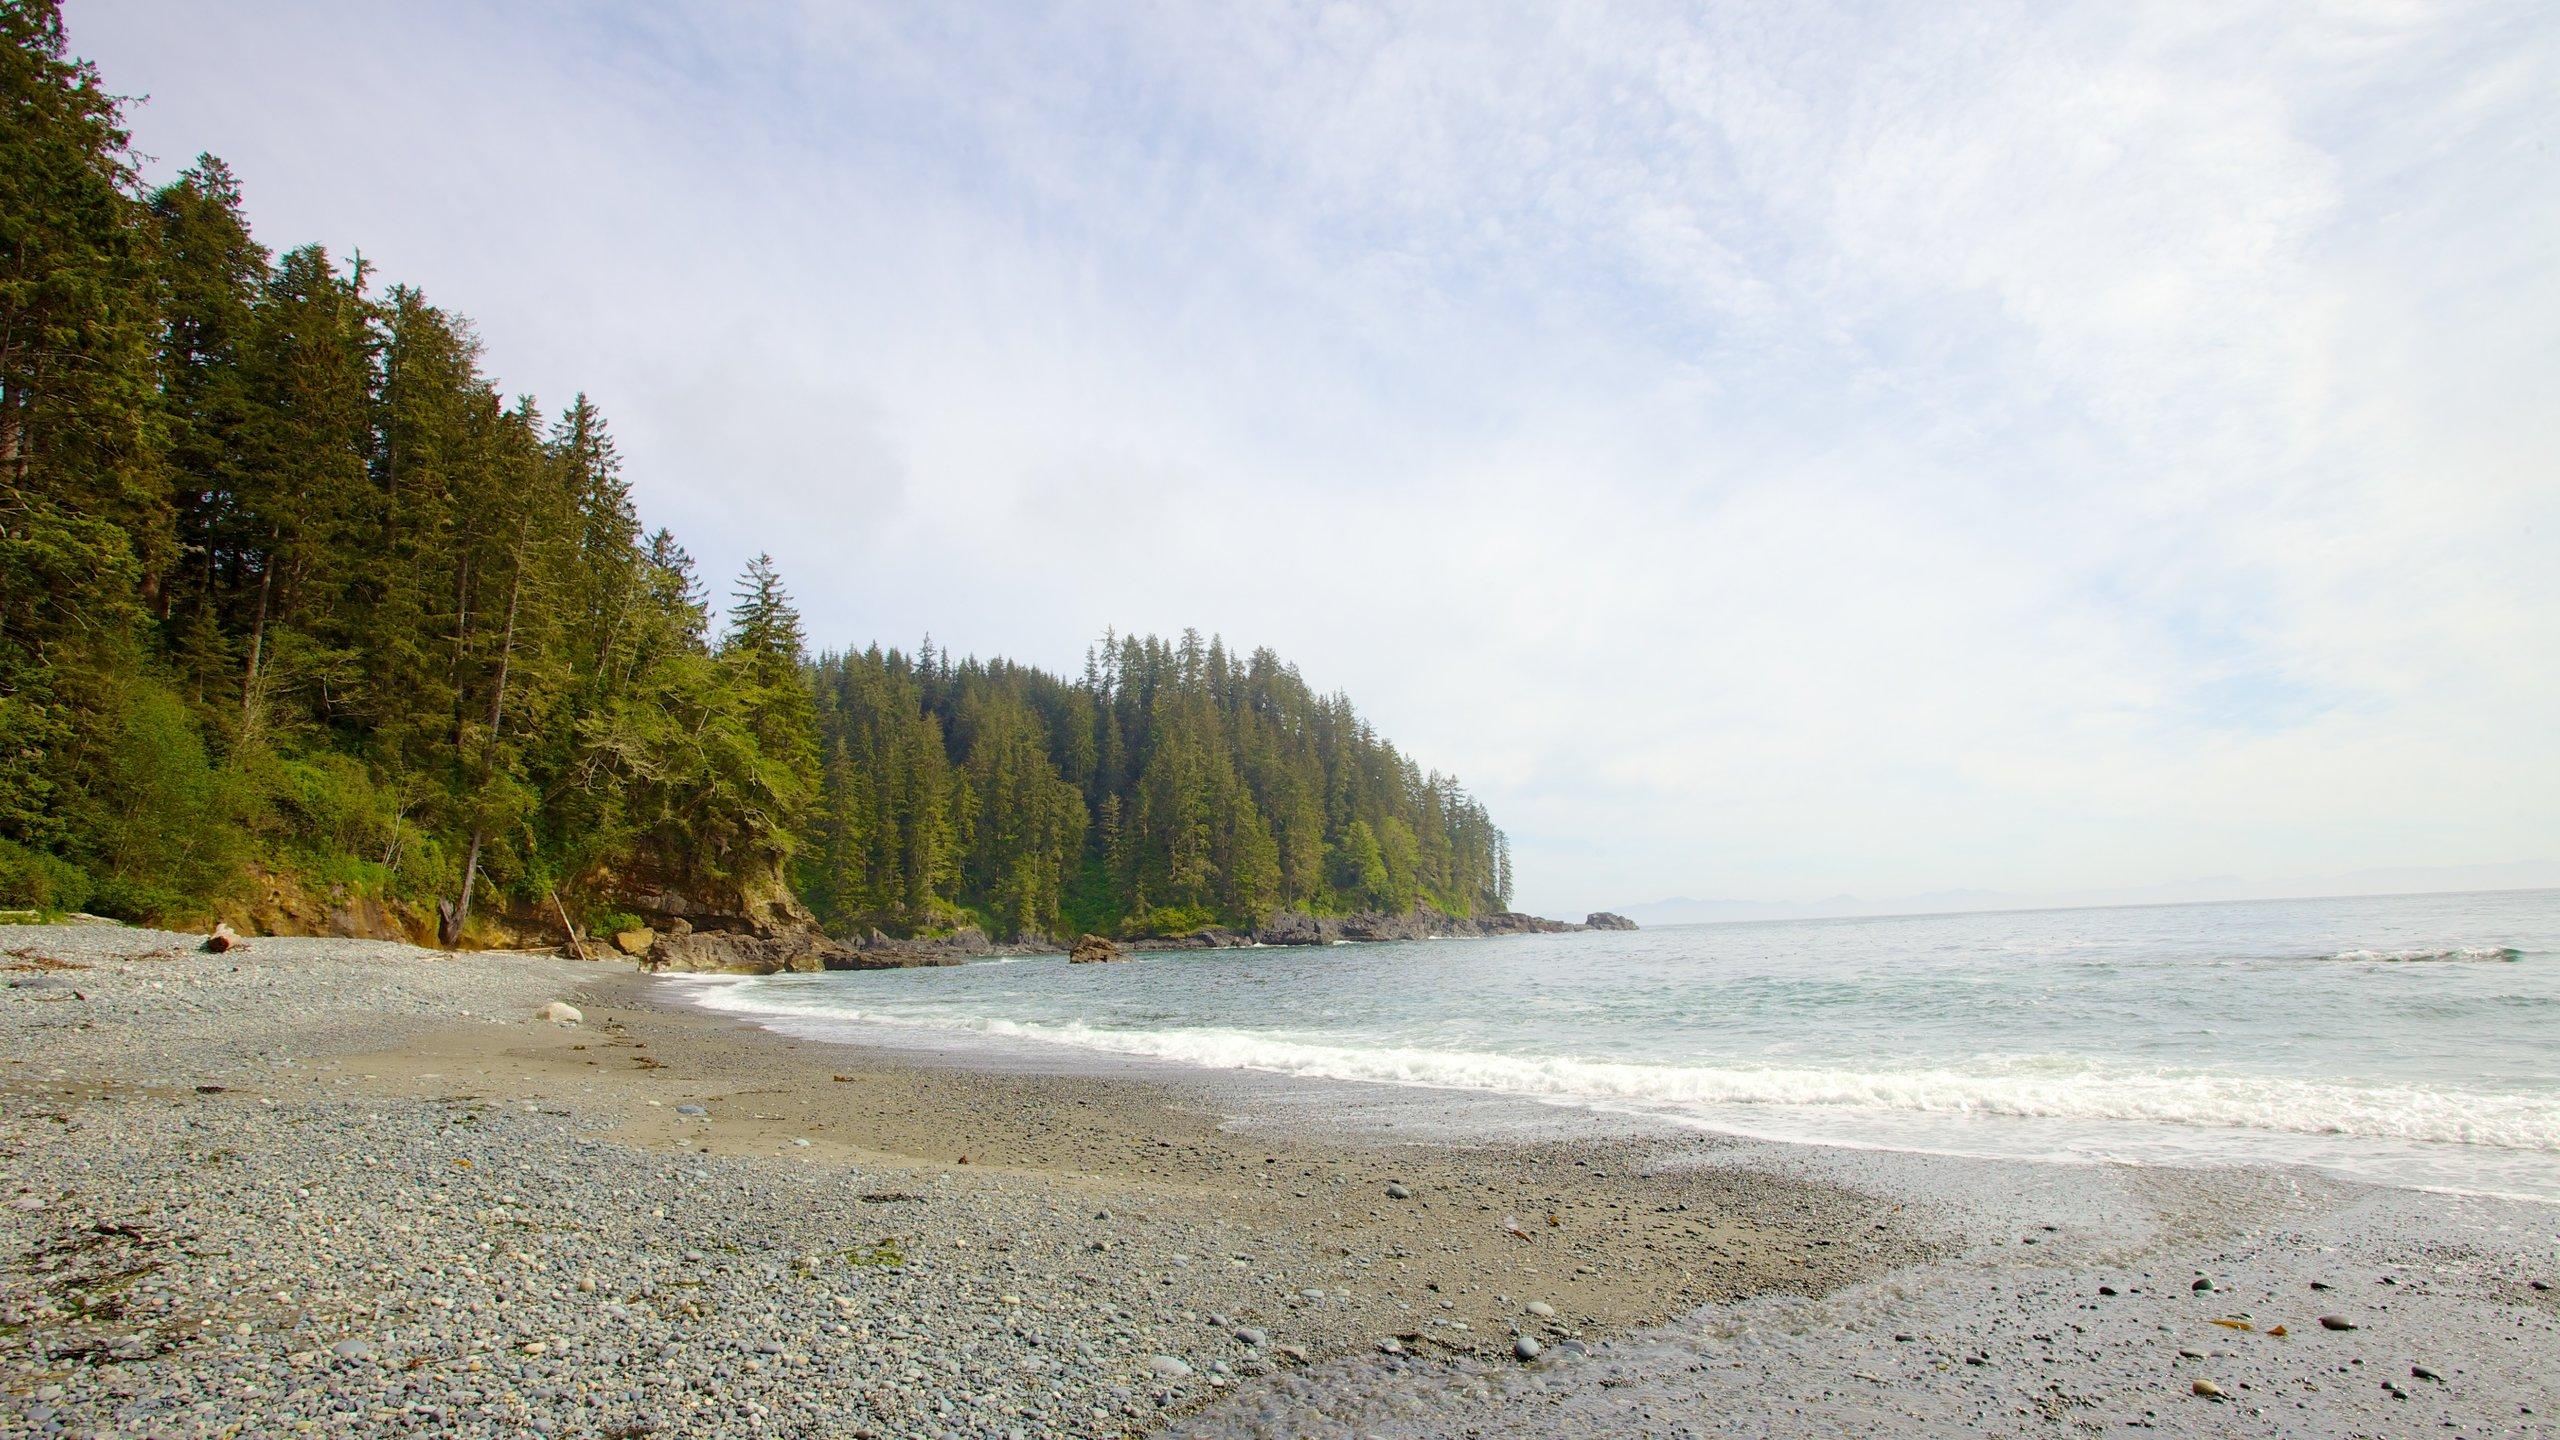 Juan de Fuca Electoral Area, British Columbia, Canada